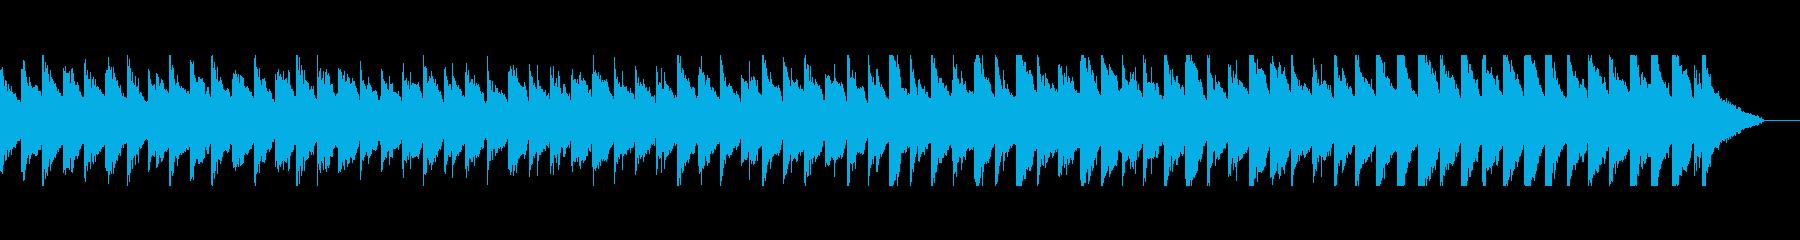 優しい雰囲気のアコギピアノセンチメンタルの再生済みの波形